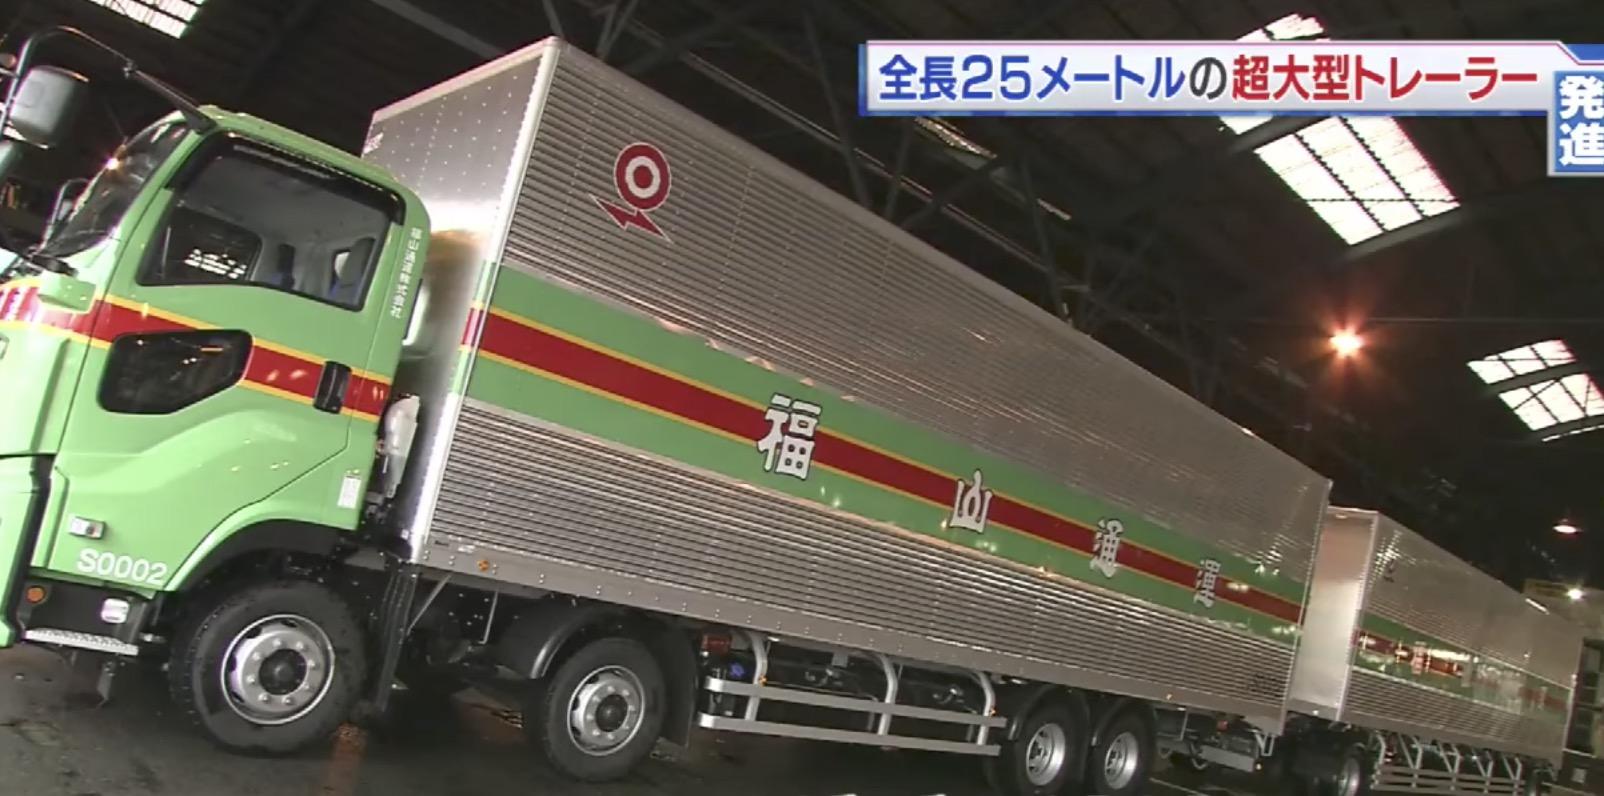 【日本初】トラック2台分の超大型車両「ダブル連結トラック」が運用開始!人手不足の解決策となるか